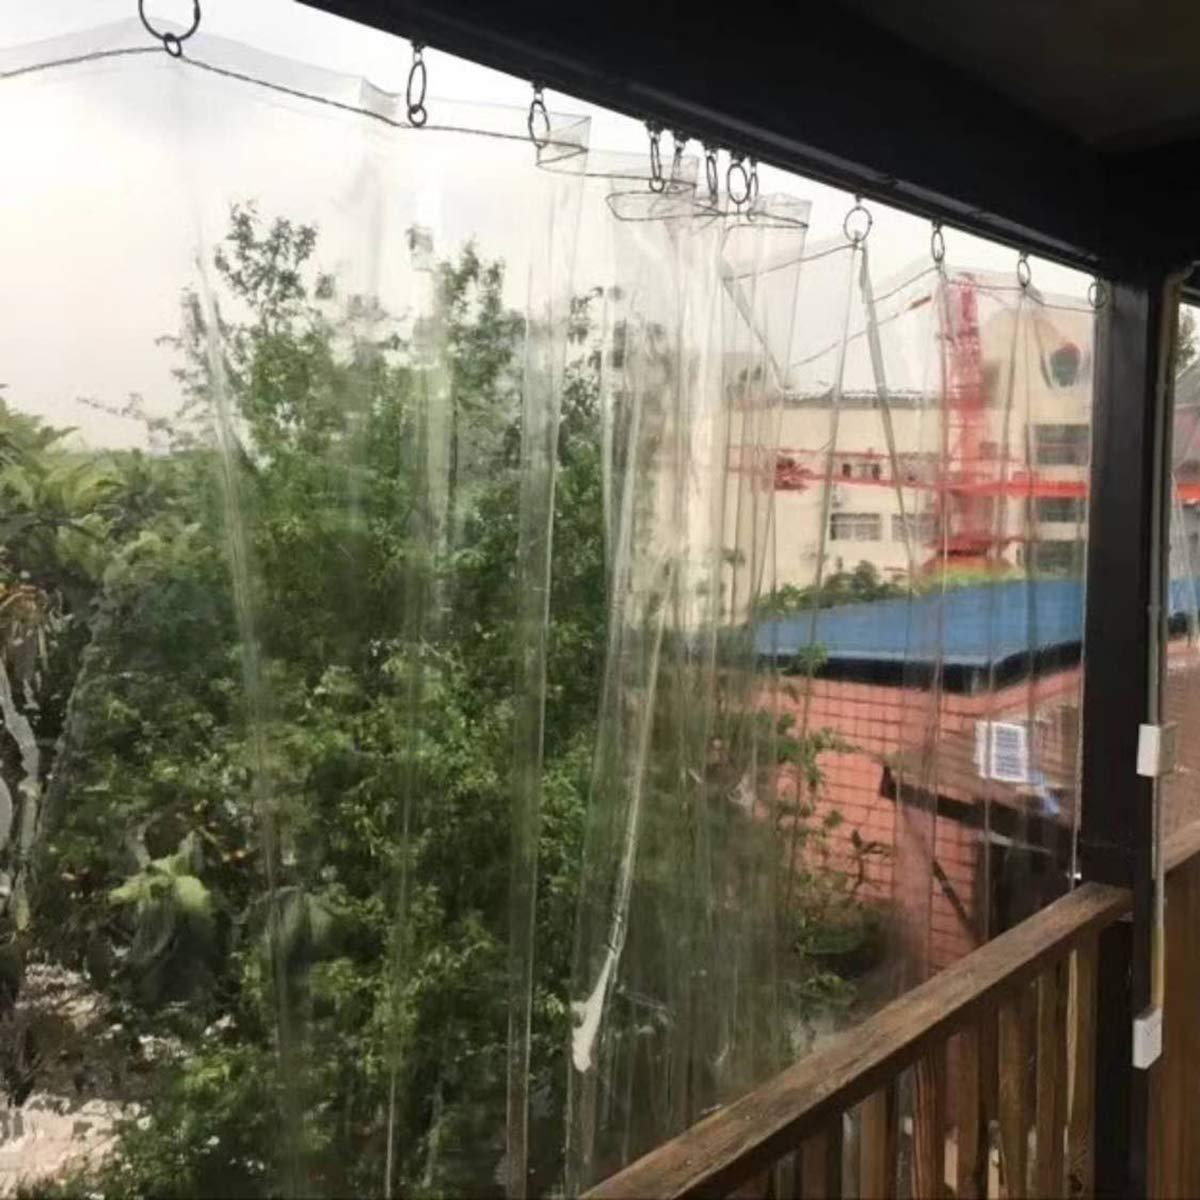 GUHAIBO Abdeckplane Transparente Transparente Transparente Plane - Regenfestes Schutzplane Bodenblech deckt Windschutzscheibenschupptuch für Pflanzenisolation ab, Abdeckplane Stiefelplane,1.5x3m B07KMZF93D Stiefelabdeckplanen Kaufen ce2be1